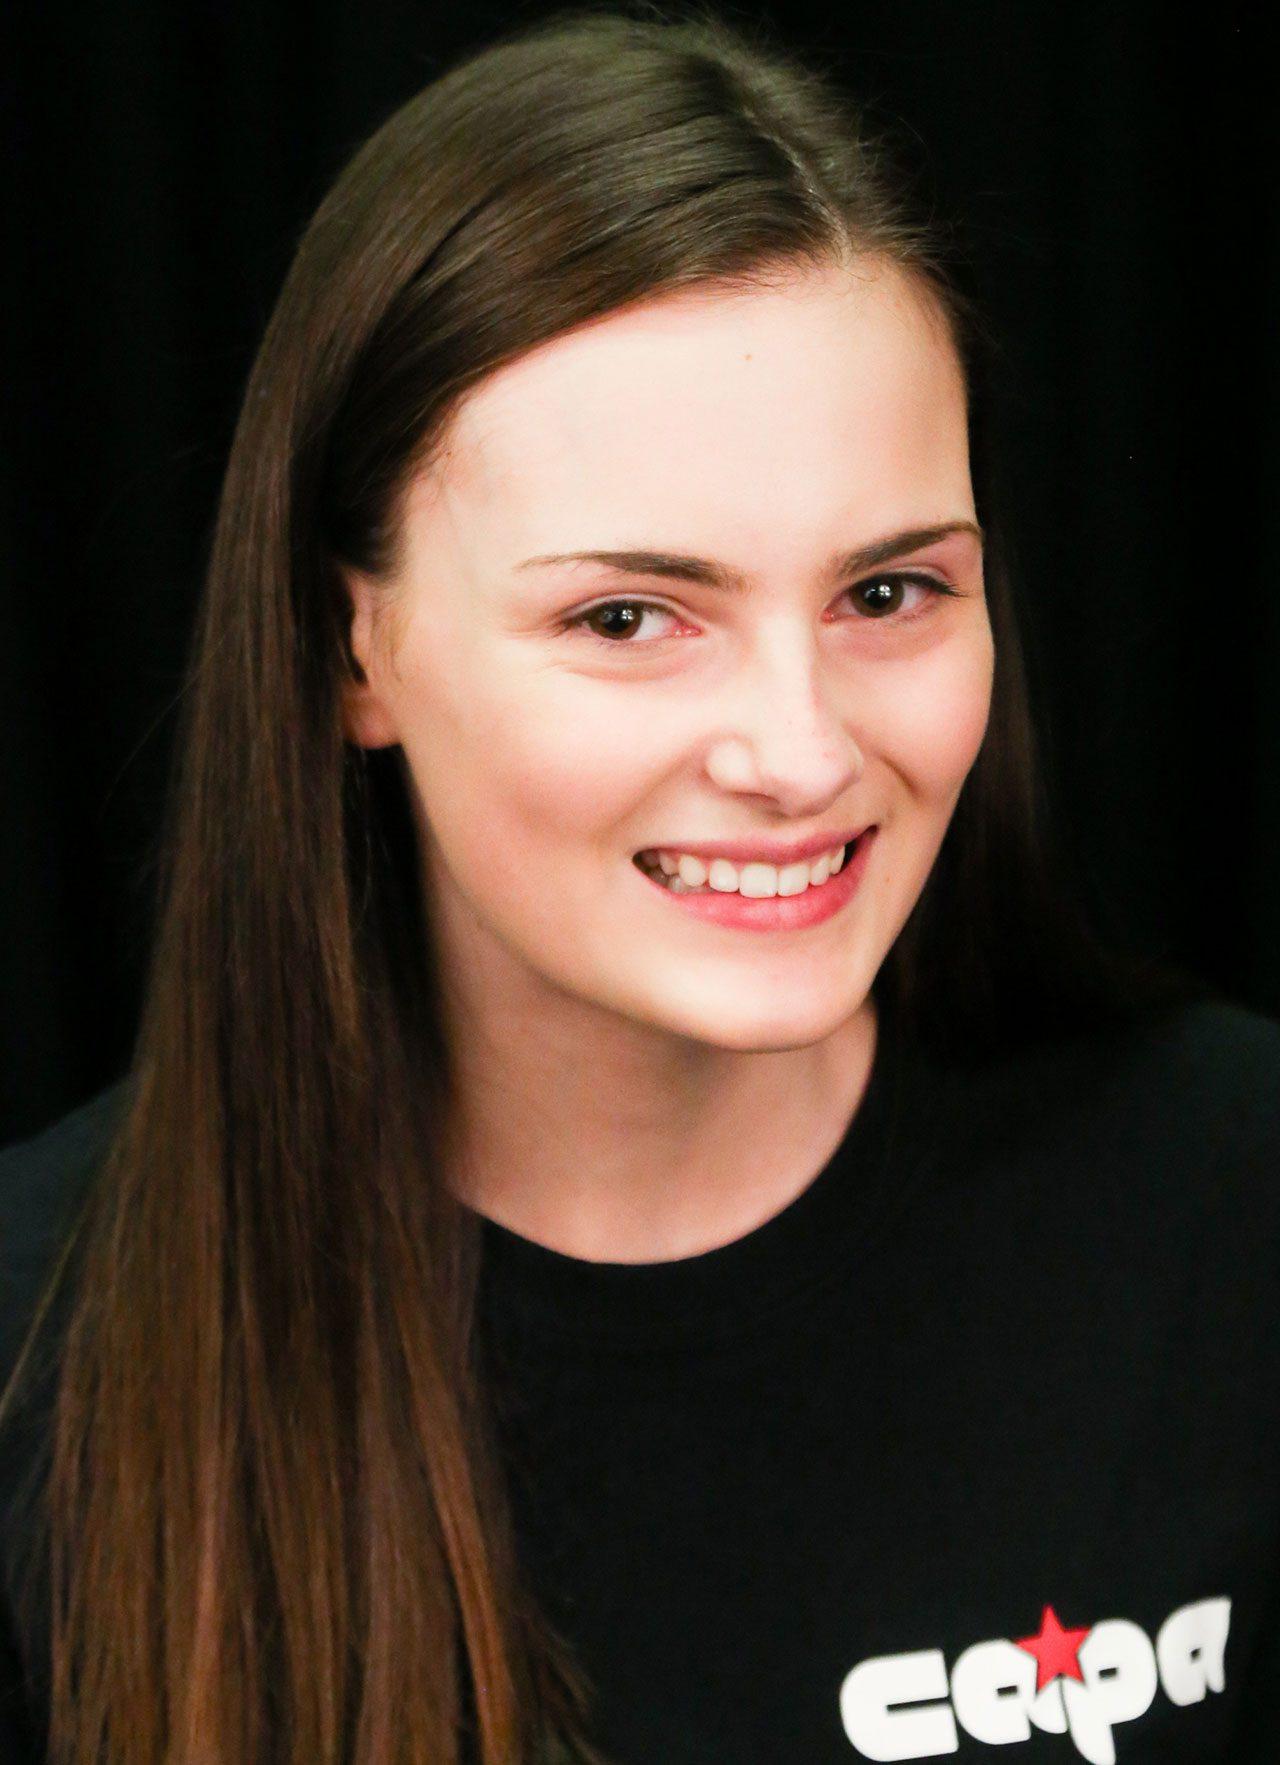 Veronique Garbett